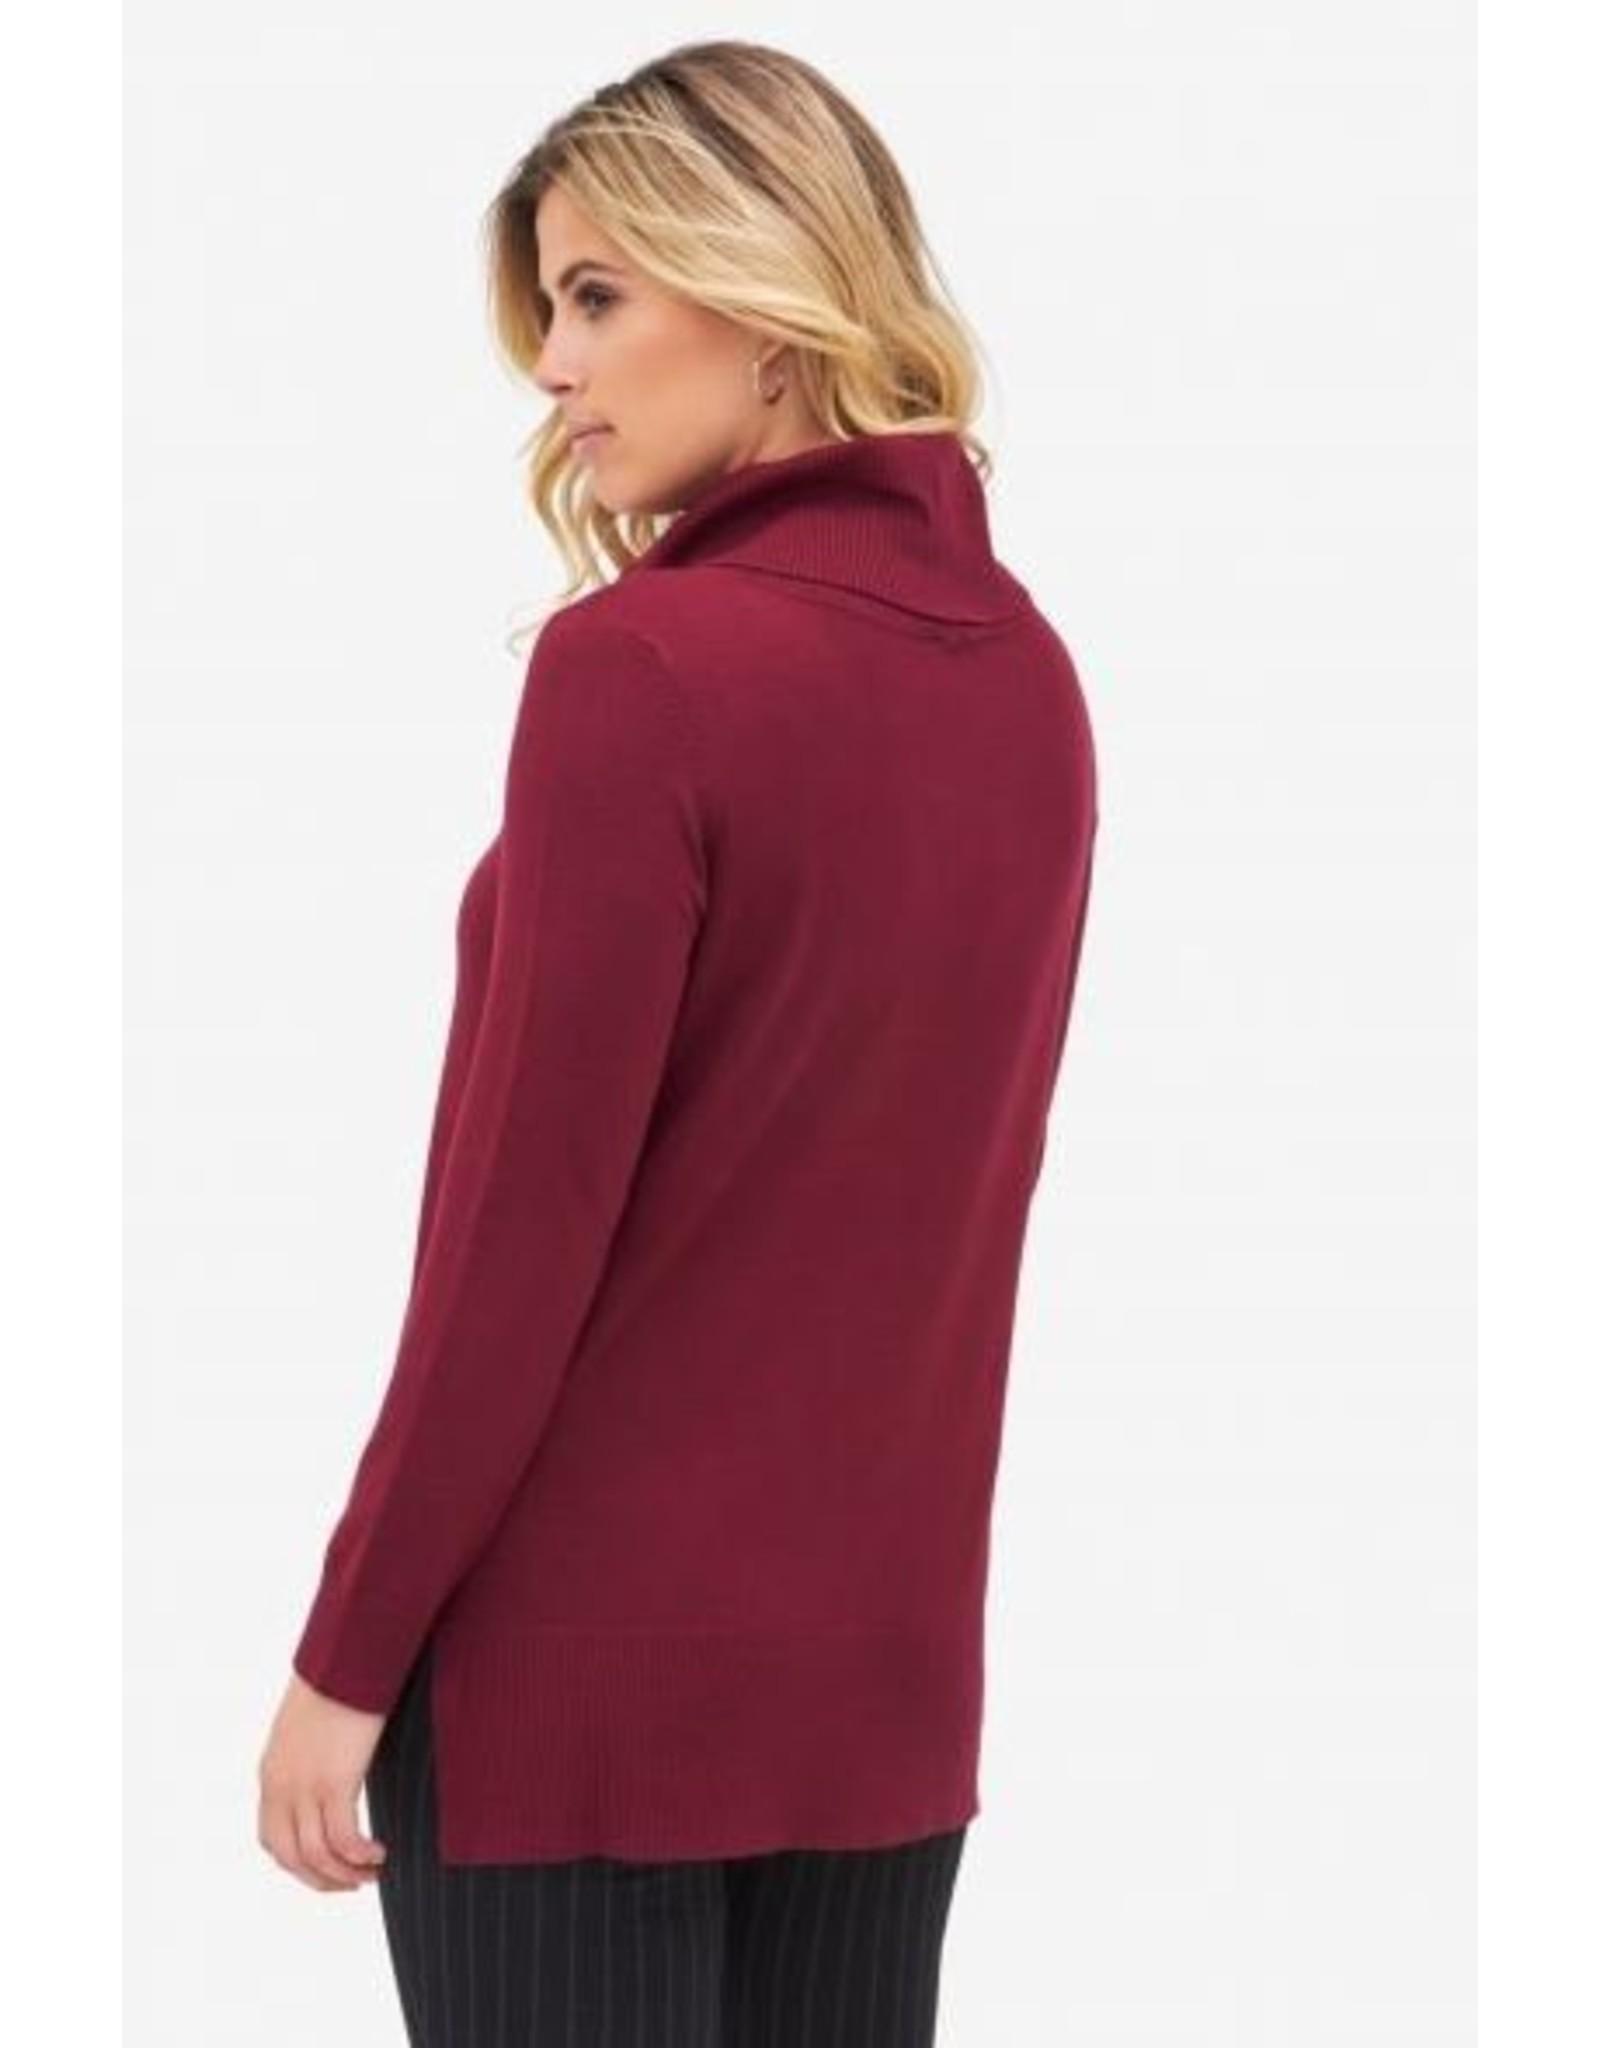 Tribal Cowl Neck Sweater Tunic L/S - FA18